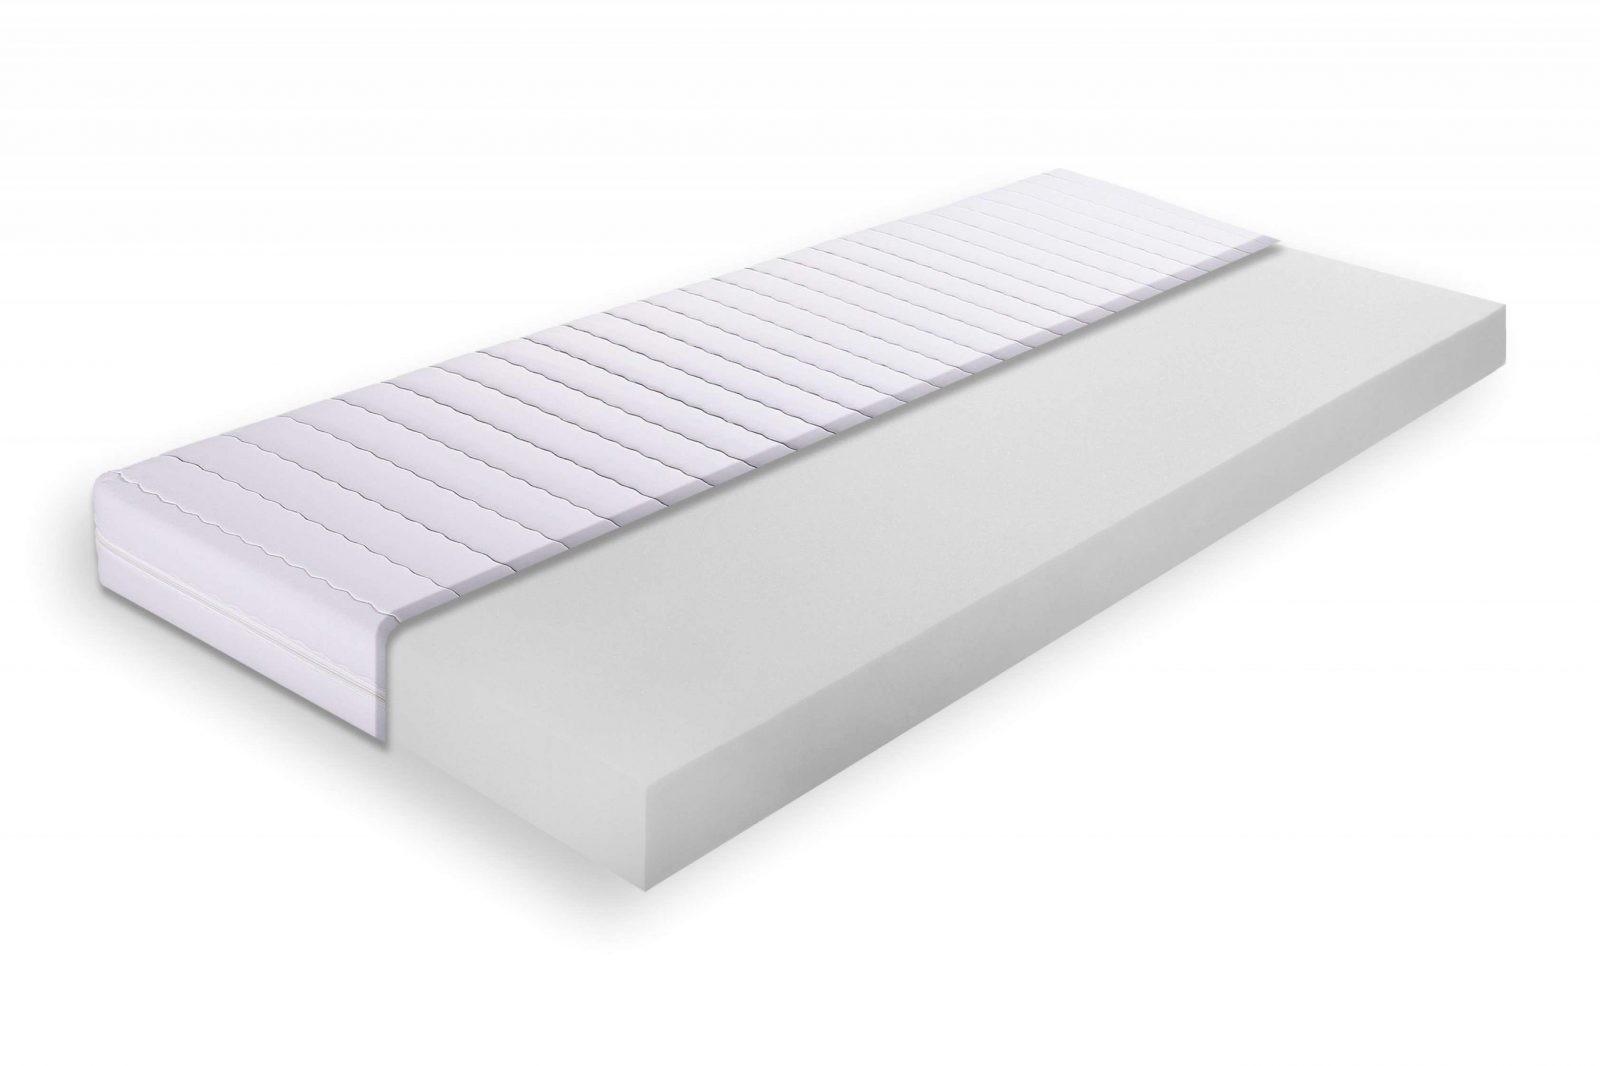 Dänisches Bettenlager Angebote Matratzen Schön Matratze 140 X 200 von Dormia Qualitäts Matratze Supercomfort 140 Test Bild